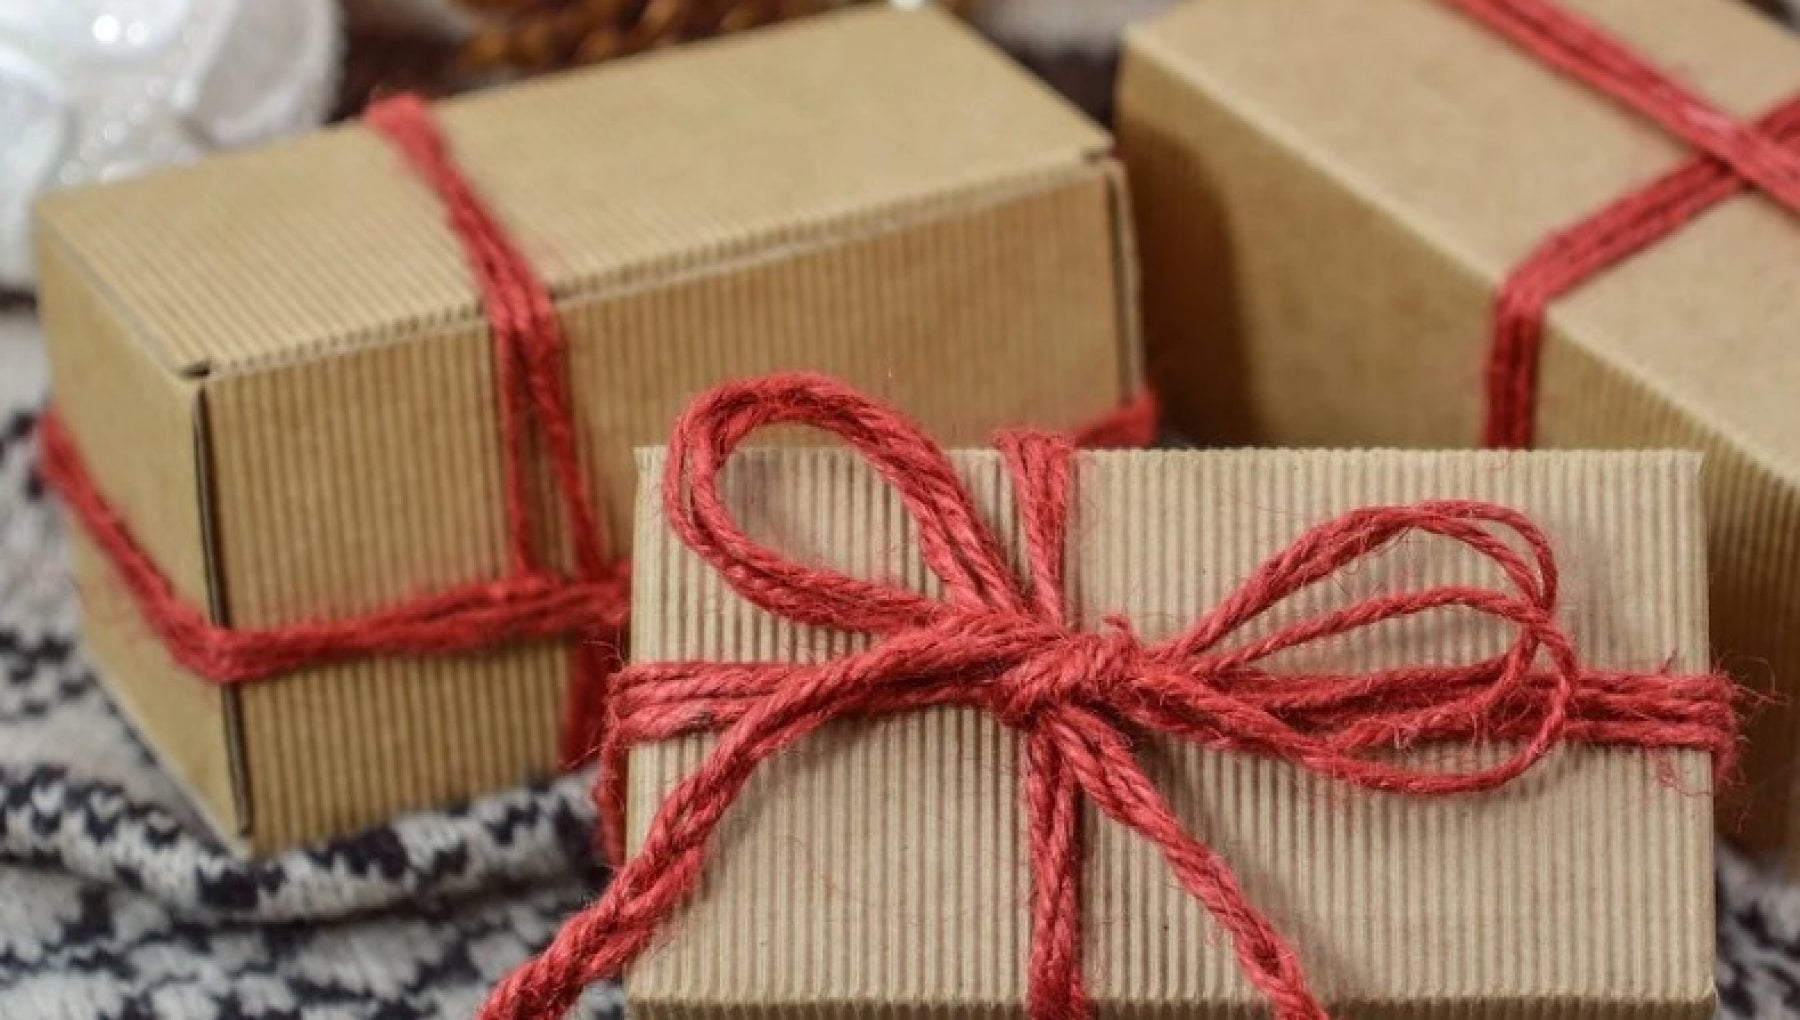 182752268 5ec9b478 da6b 4e8f a72f 6e5b591e8a9f - Natale, vince il regalo riciclato: quasi la metà degli italiani rincarta i doni